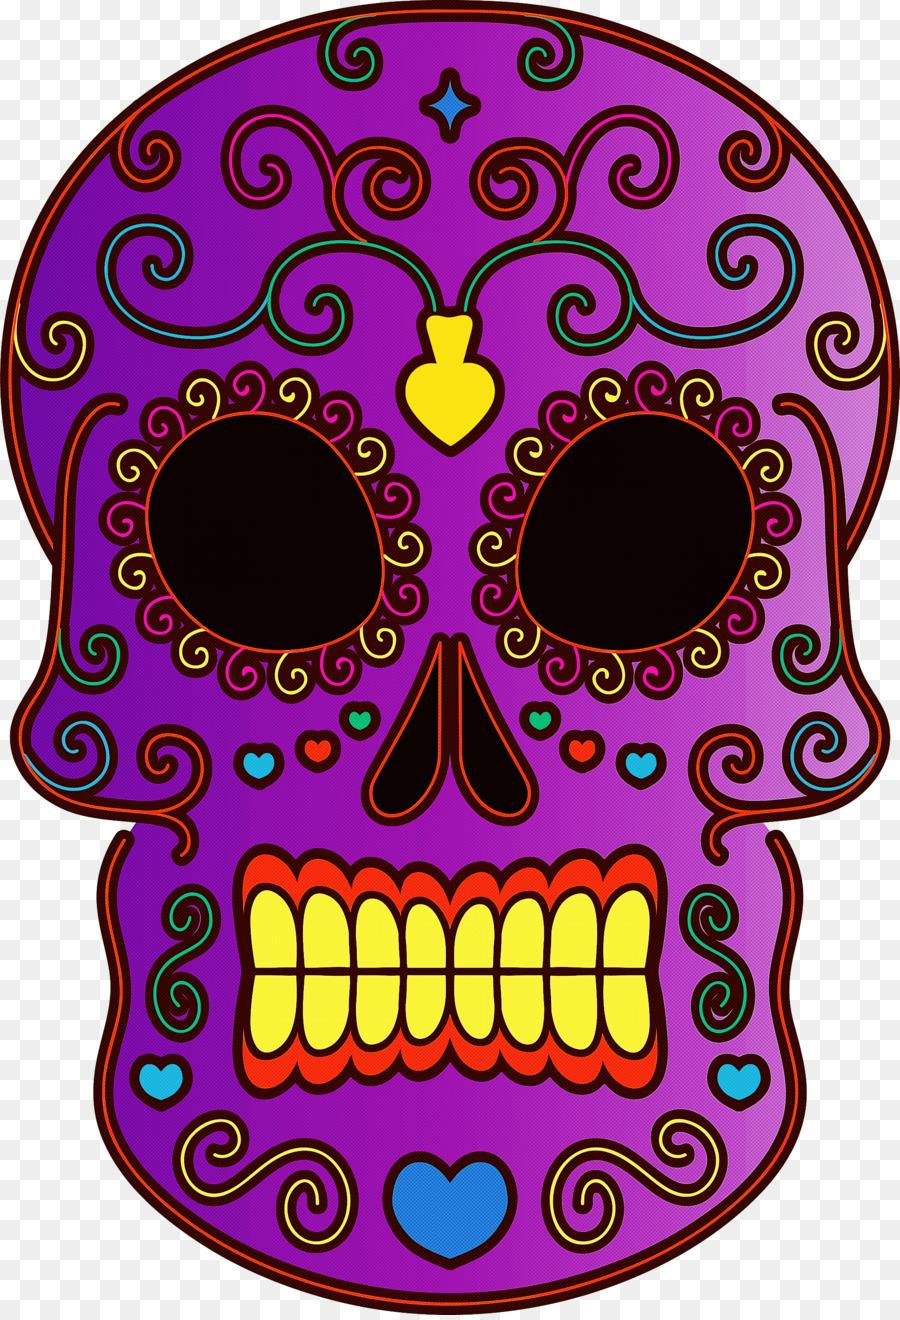 Descarga gratuita de Artes Visuales, Día De Los Muertos, Calavera Imágen de Png